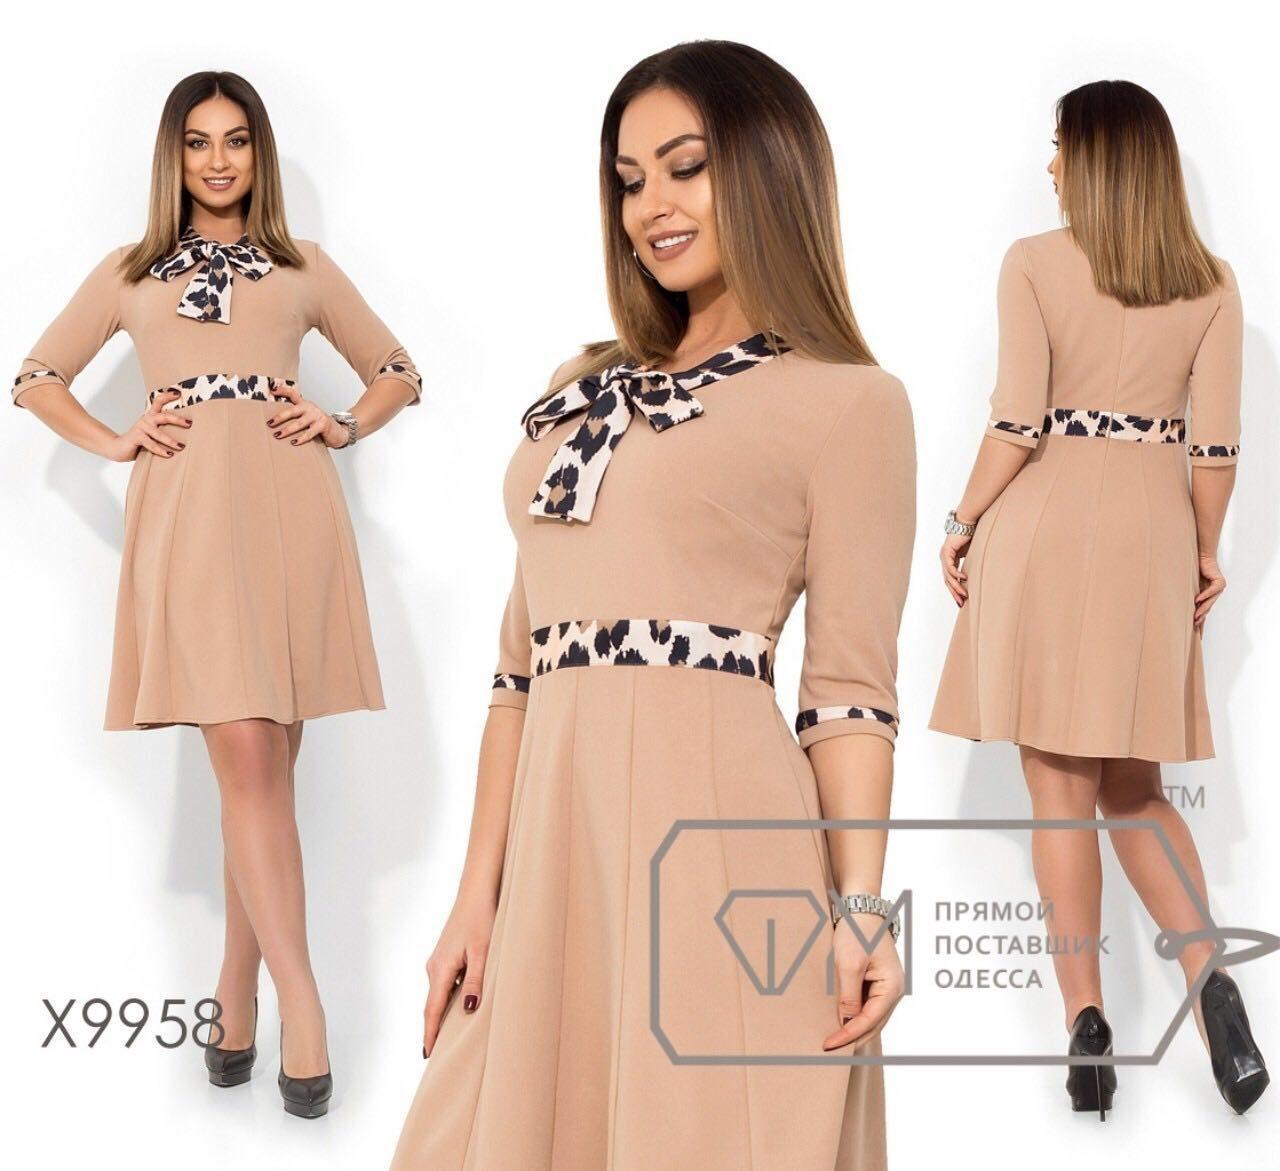 """Утонченное женское платье ткань """"Креп-дайвинг"""" 48, 50, 52, 54 размер батал"""